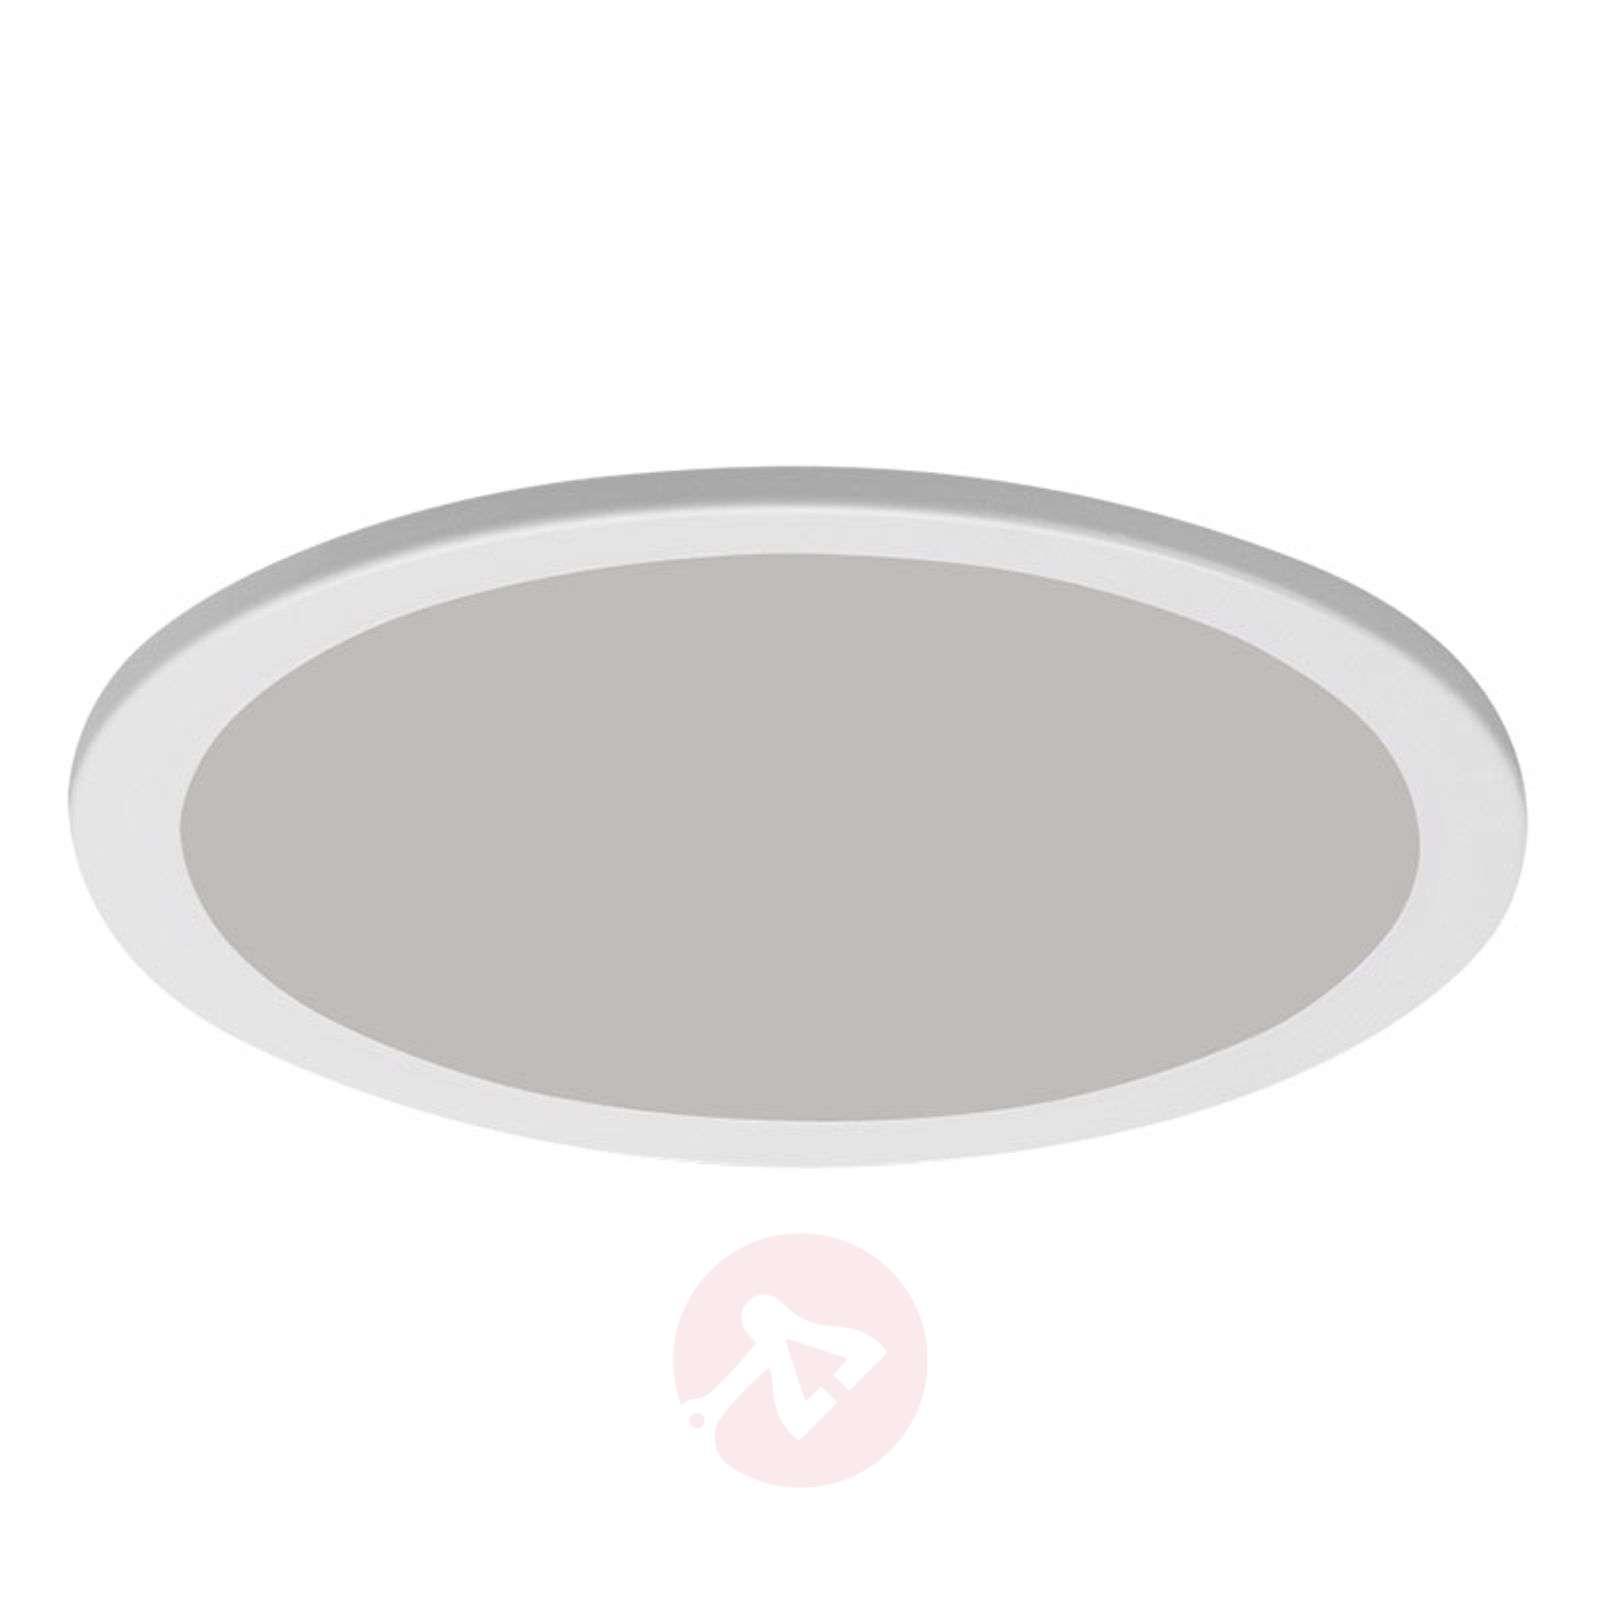 Pyöreä upotettava LED-alasvalo SBLG, valkoinen-6067035X-01